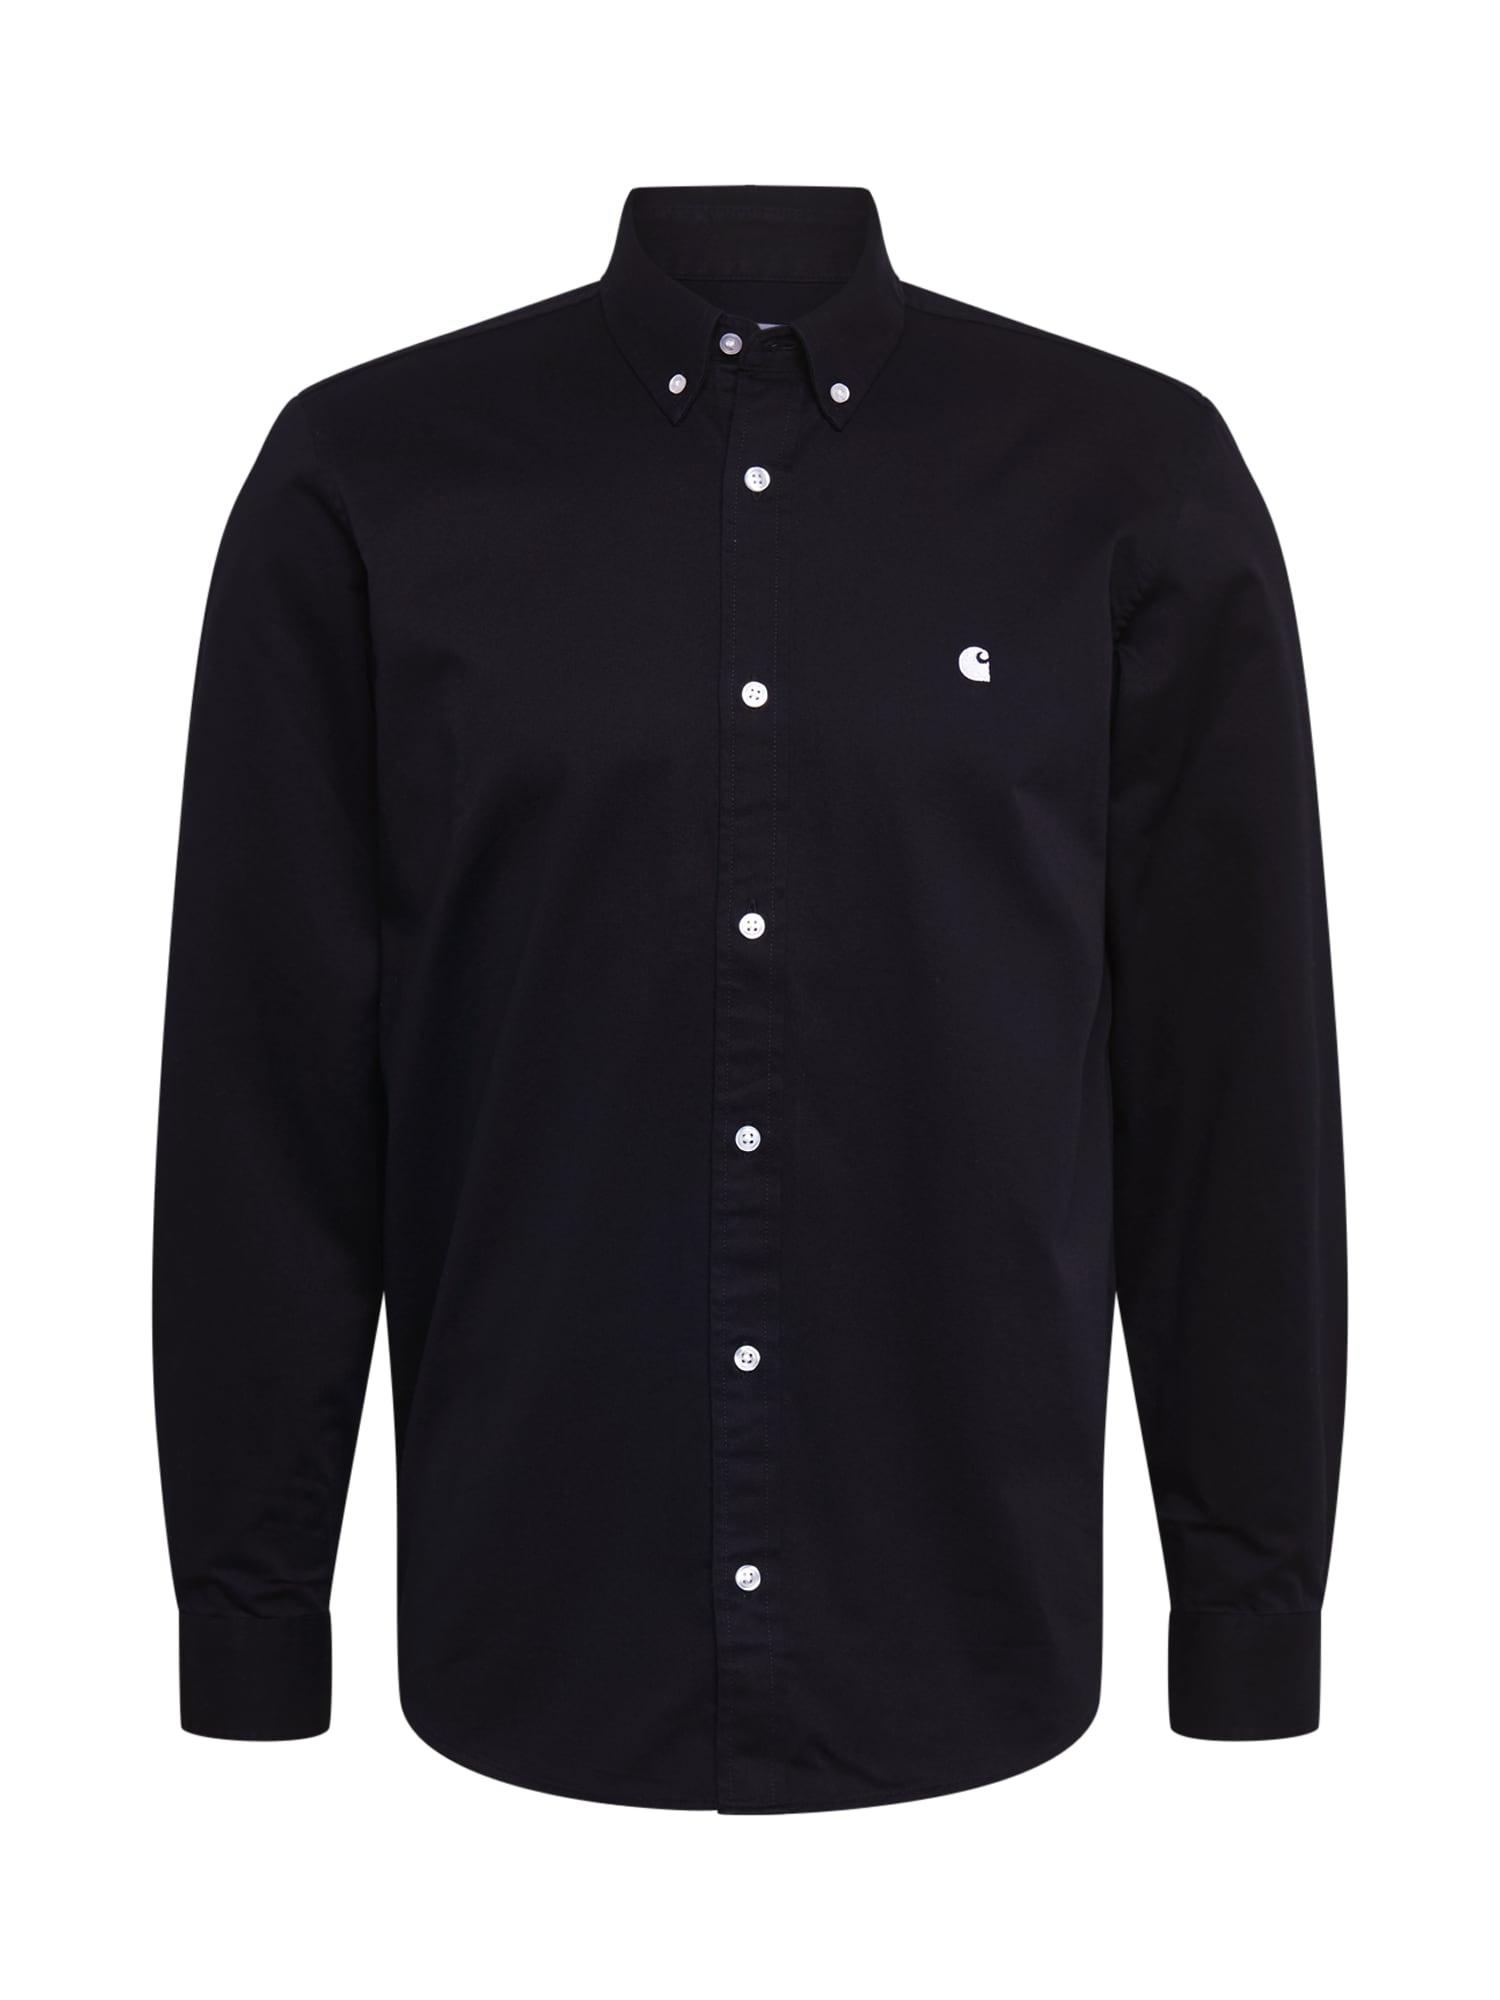 Carhartt WIP Dalykiniai marškiniai 'Madison' juoda / balta